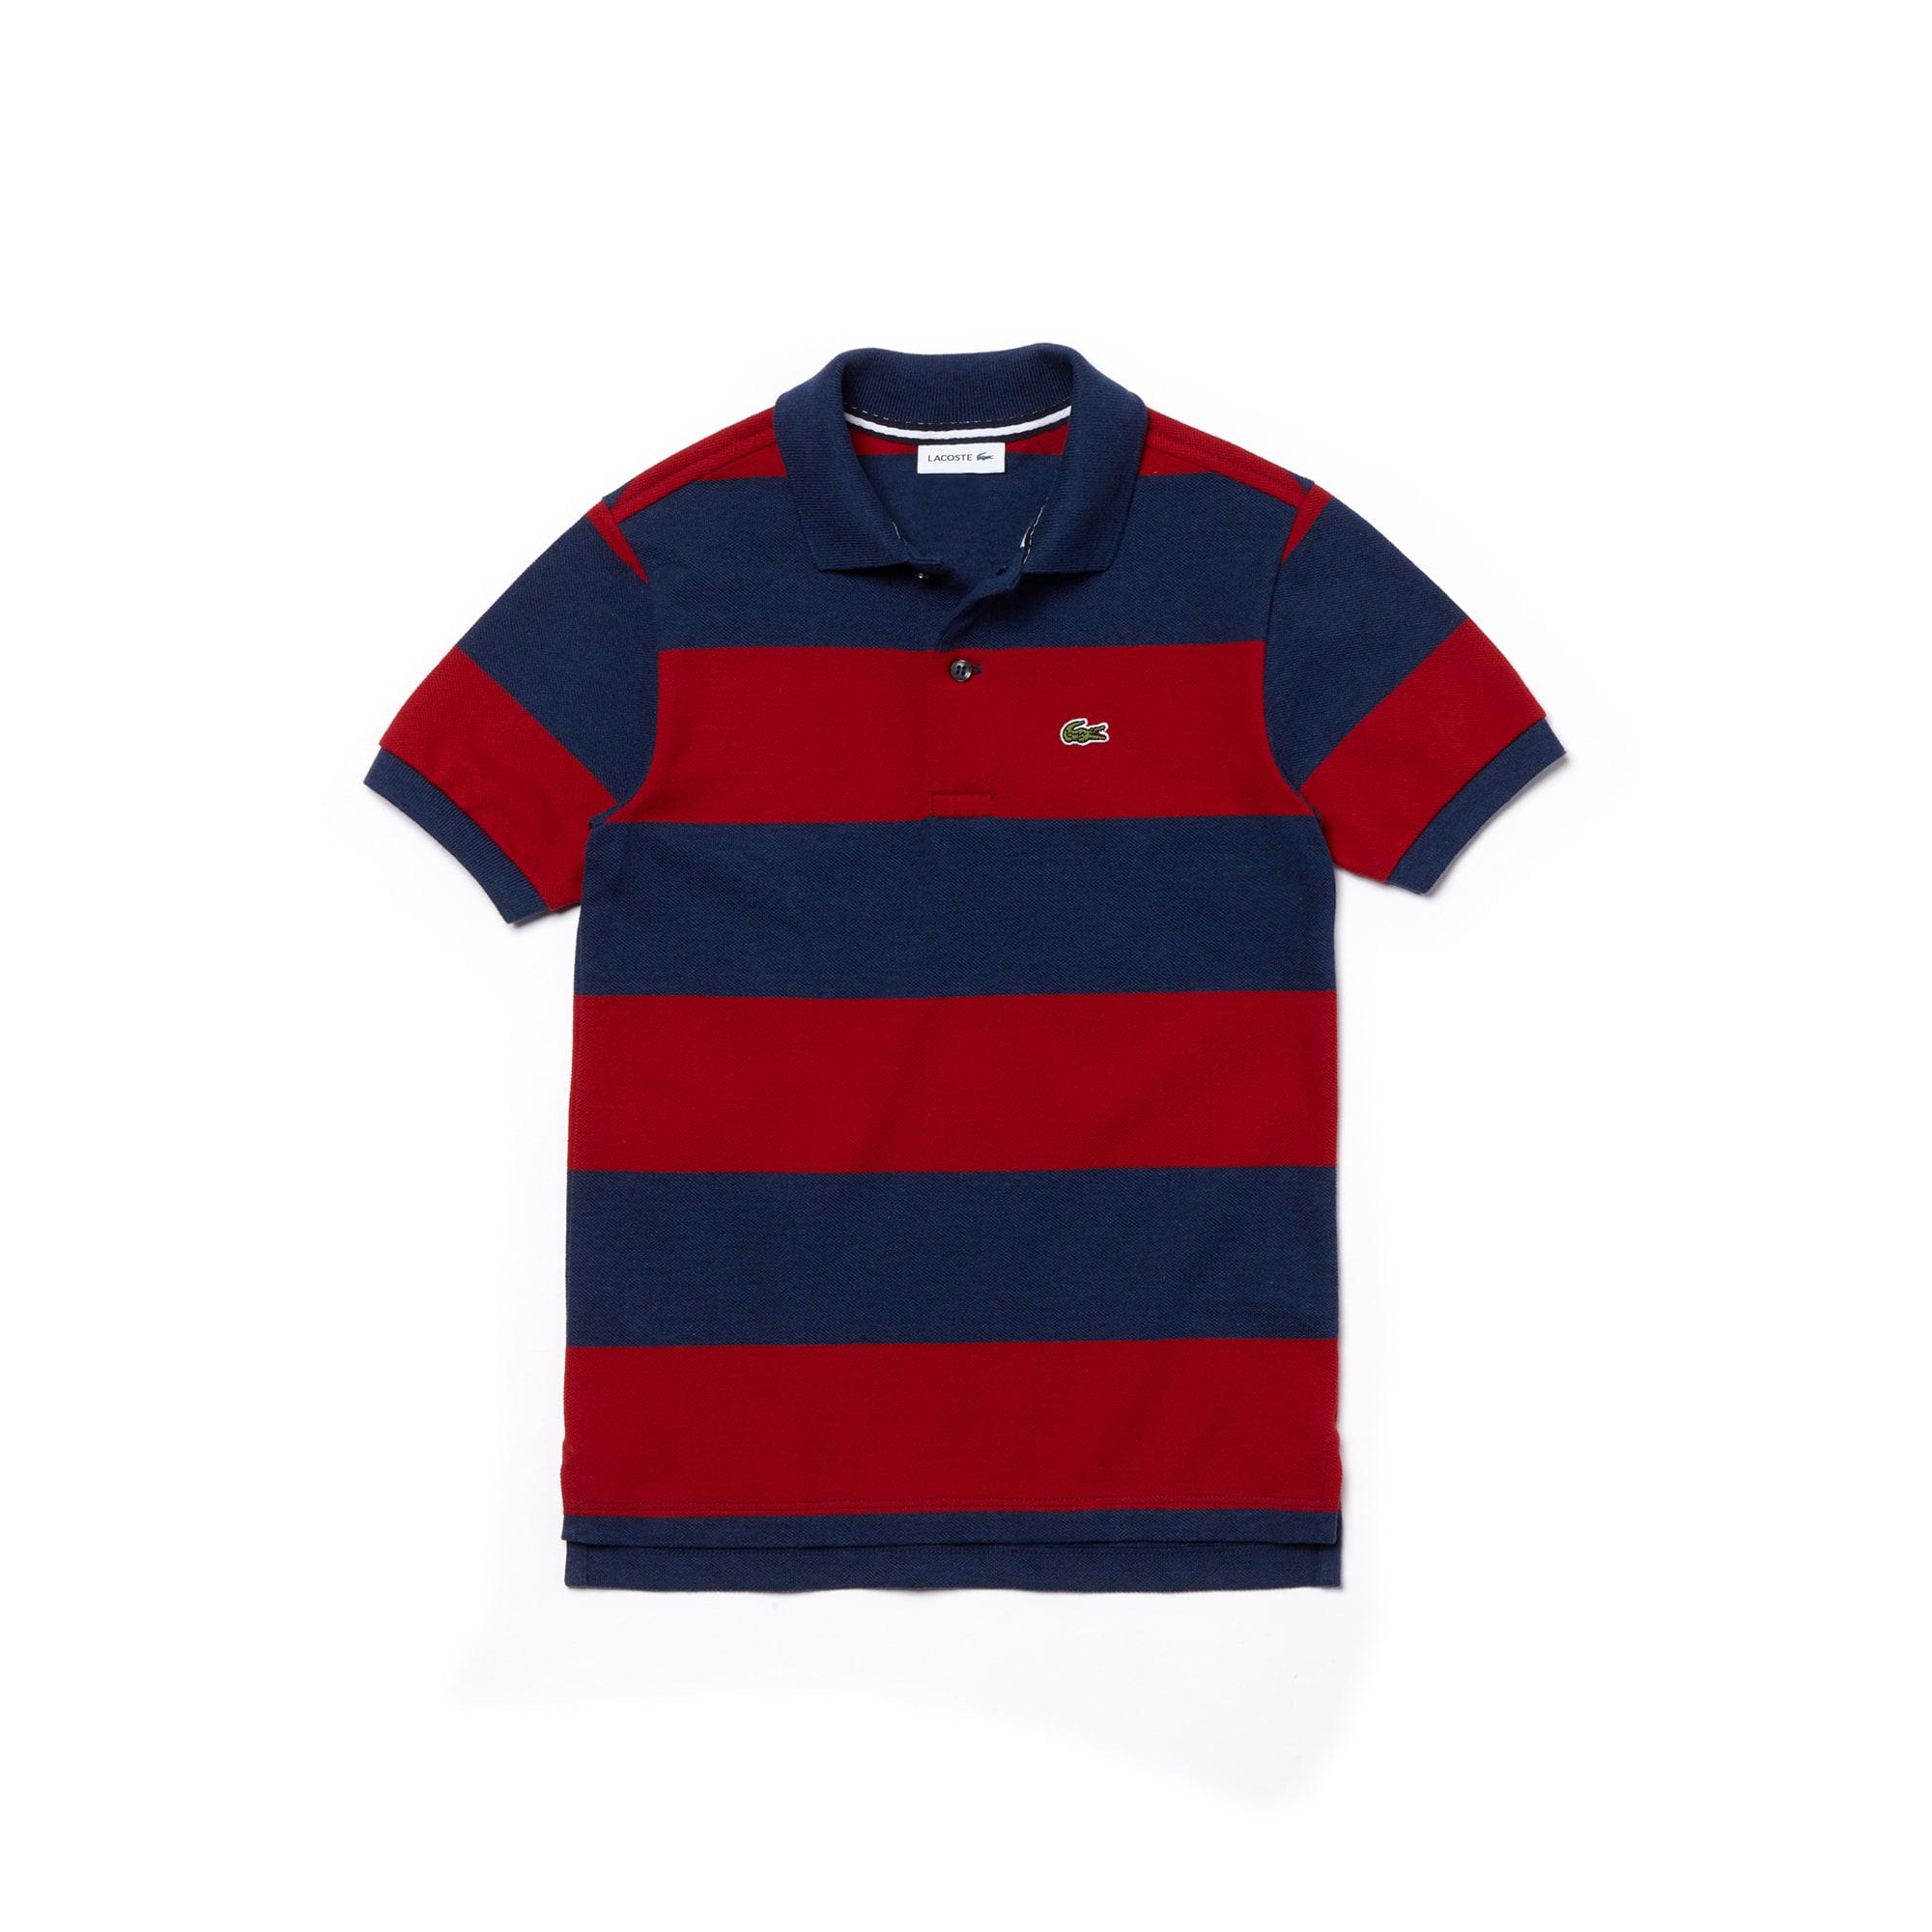 LACOSTE Jungen-Poloshirt aus Petit Piqué mit Streifen